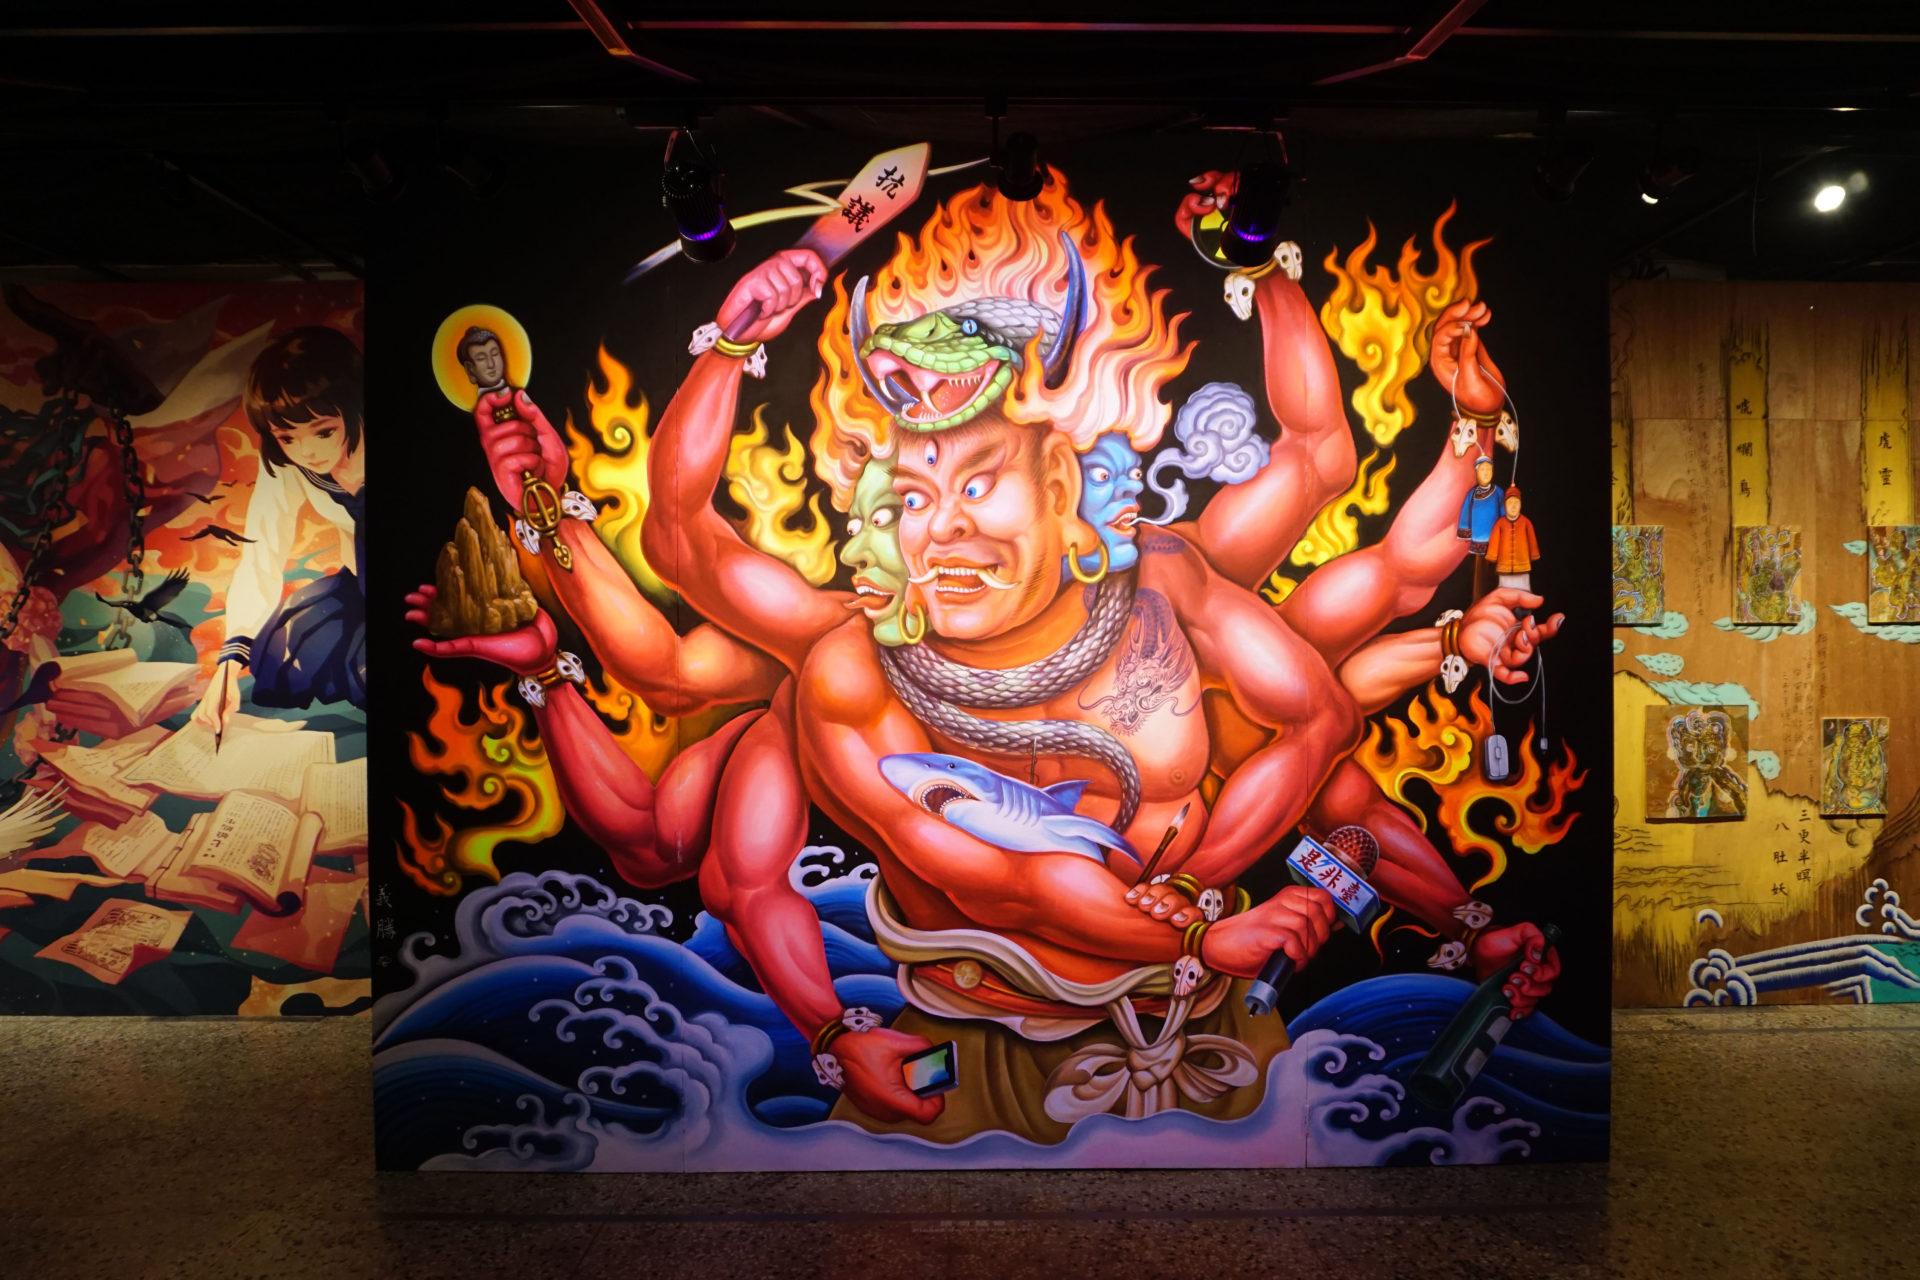 【博物之島新訊】空總妖氣都市:動用五感體驗台灣妖怪的當代撒野